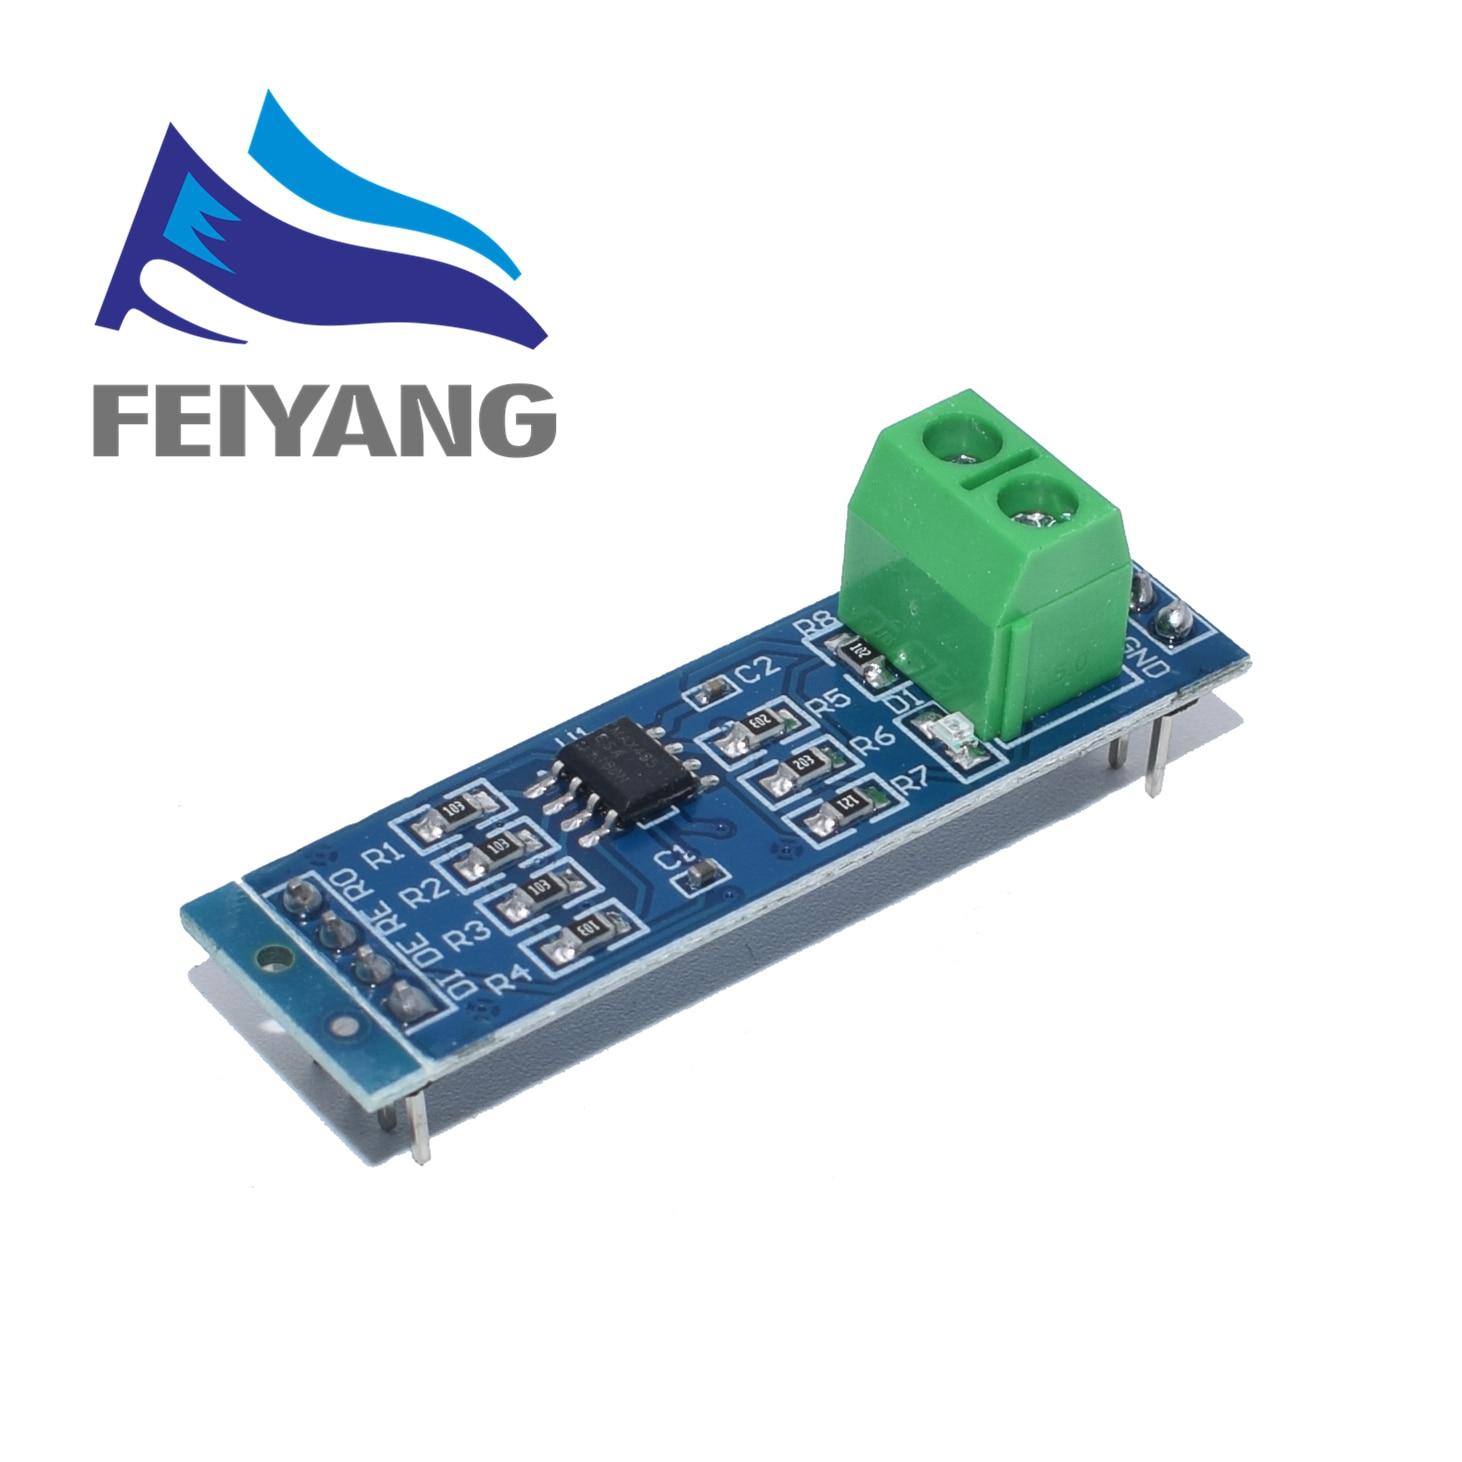 MAX485 Module, RS485 Module, TTL Turn RS - 485 Module, MCU Development Accessories